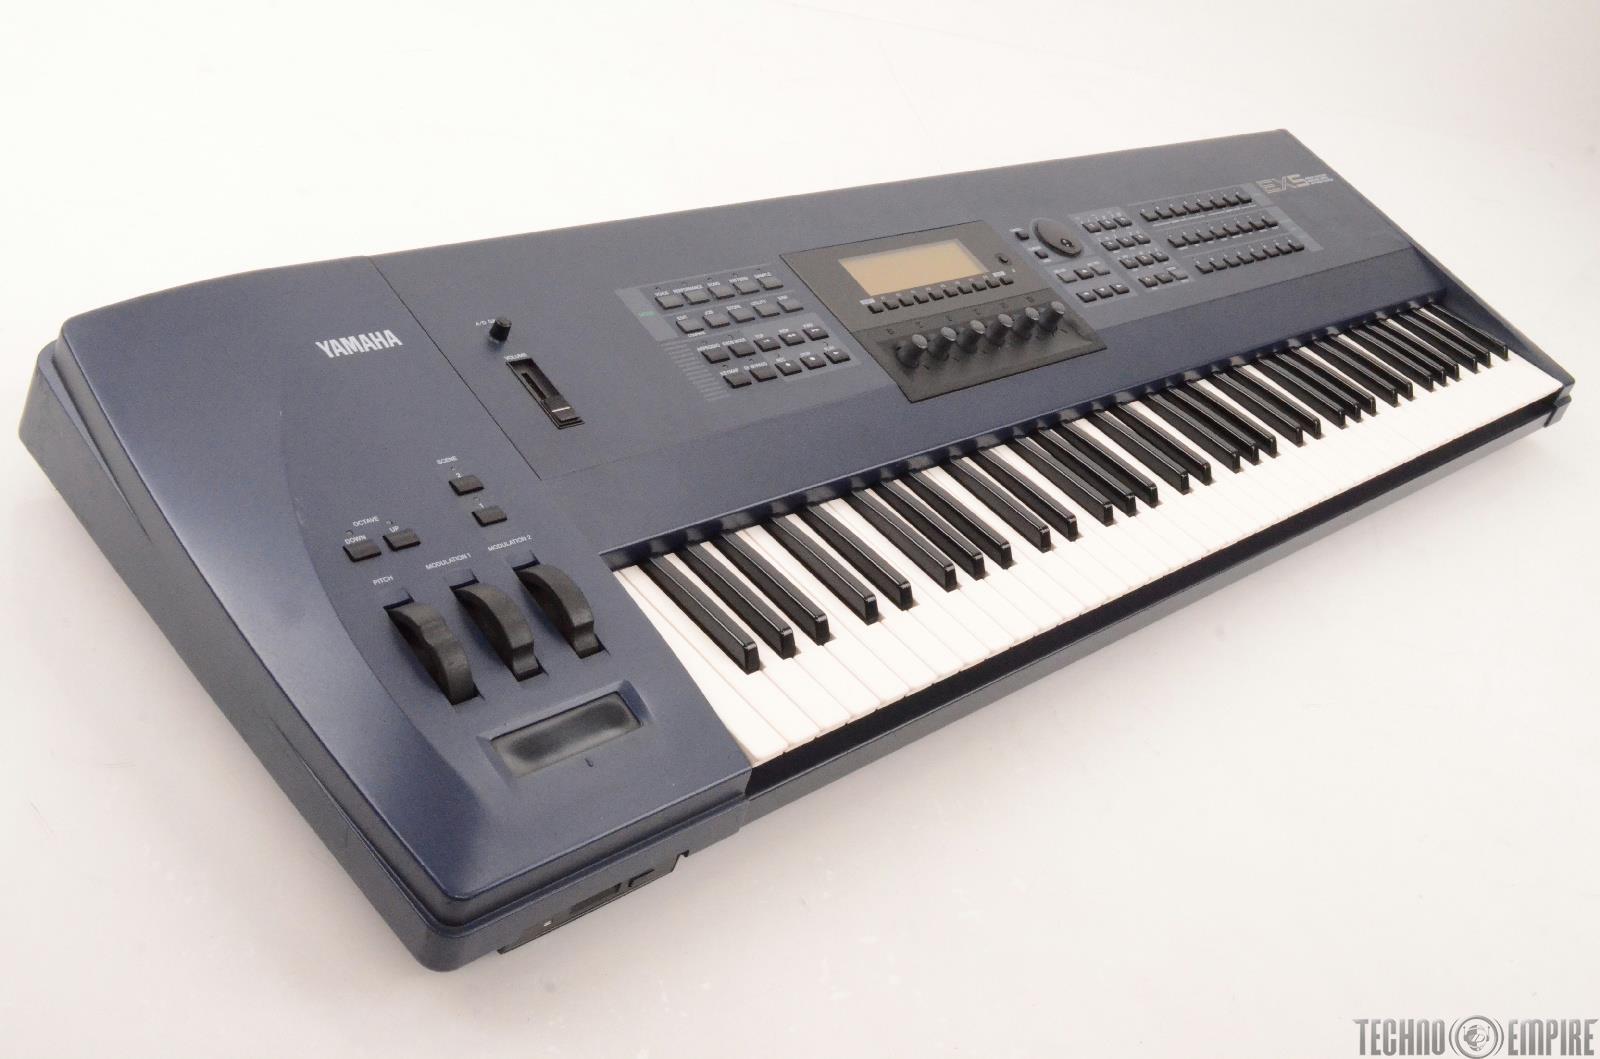 Yamaha ex5 76 key synthesizer sampler sequencer keyboard for Yamaha keyboard synthesizer